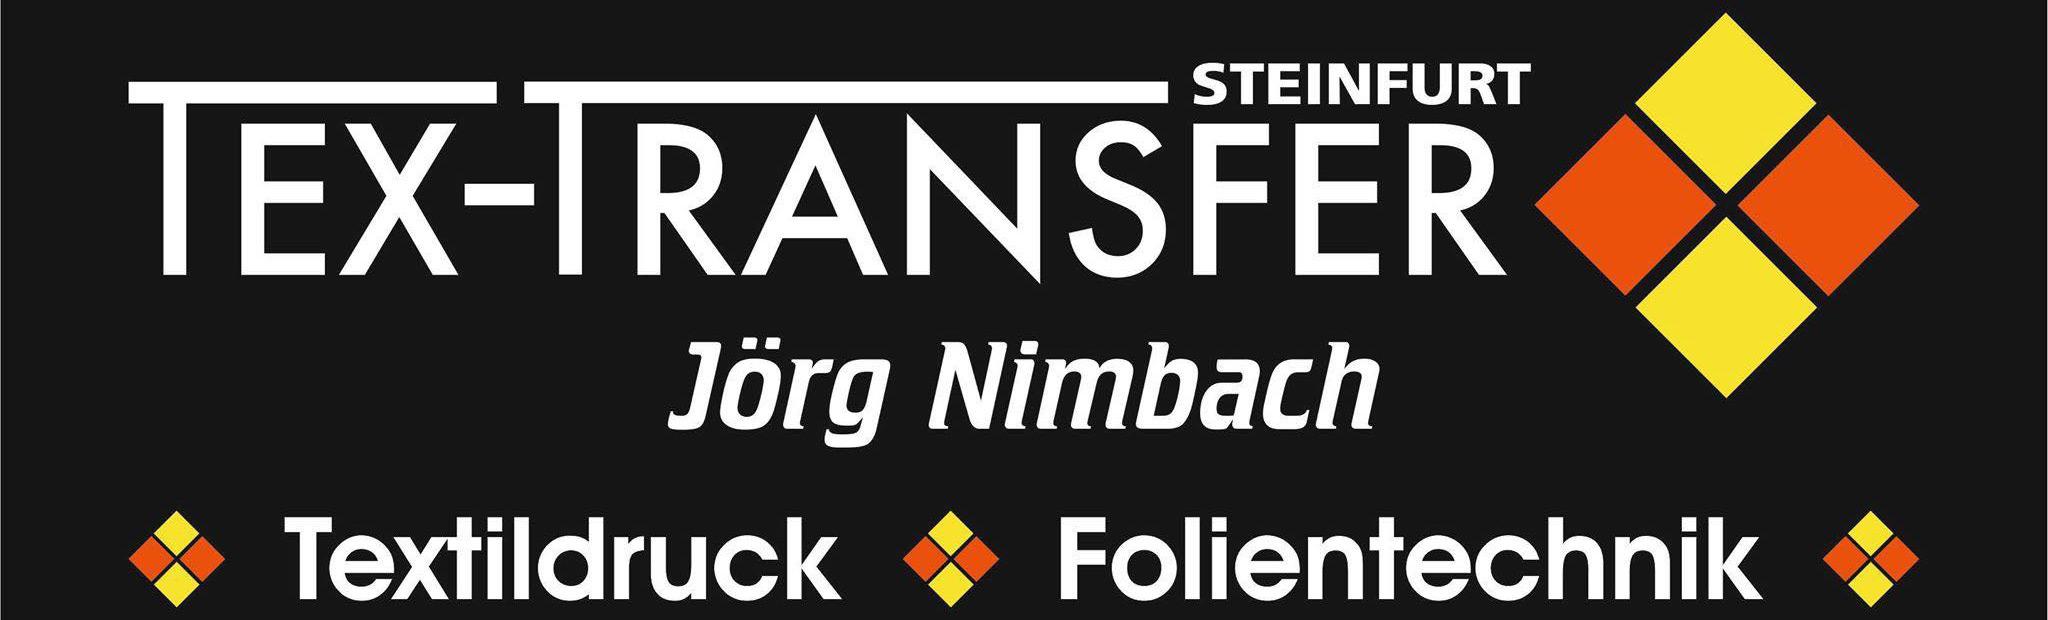 Tex-Transfer Steinfurt